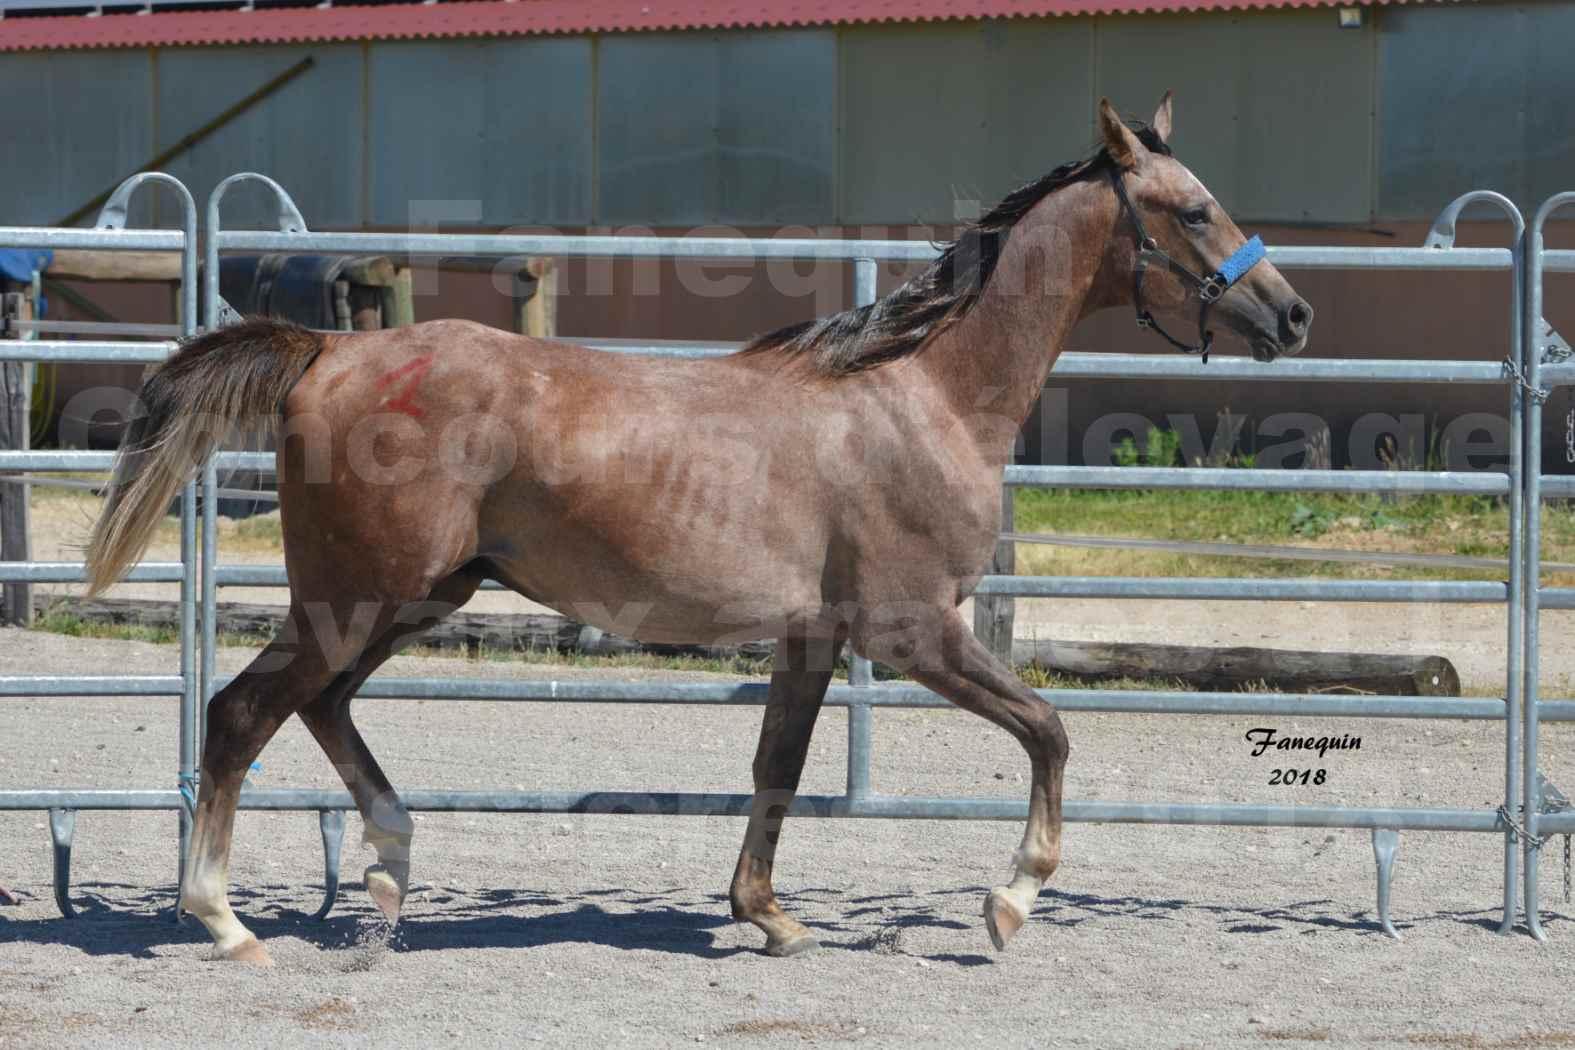 Concours d'Elevage de chevaux Arabes  le 27 juin 2018 à la BOISSIERE - FOXTROT FONT NOIRE - 03